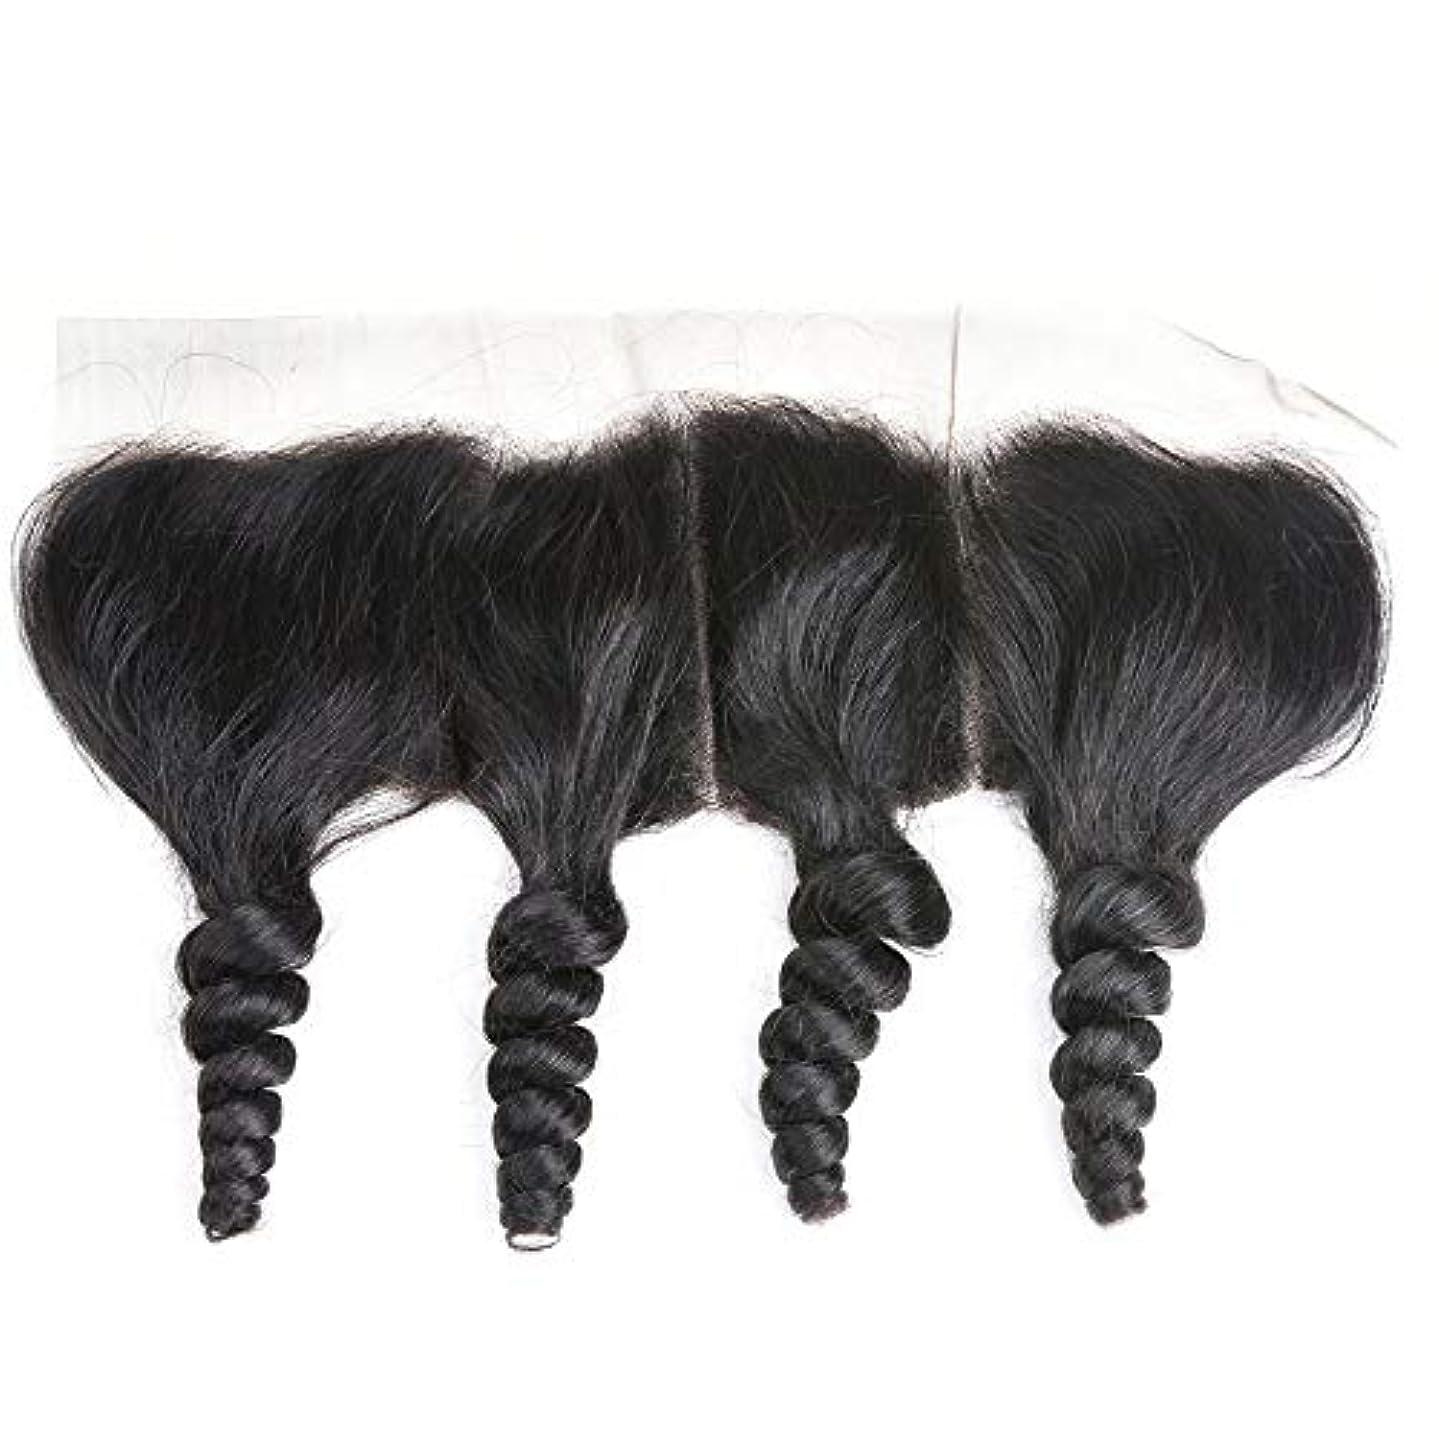 一般化する膿瘍無しWASAIO ブラジルの人間の髪の毛のレースの正面閉鎖ルーズウェーブ13 x 4インチレース閉鎖自然色 (色 : 黒, サイズ : 10 inch)